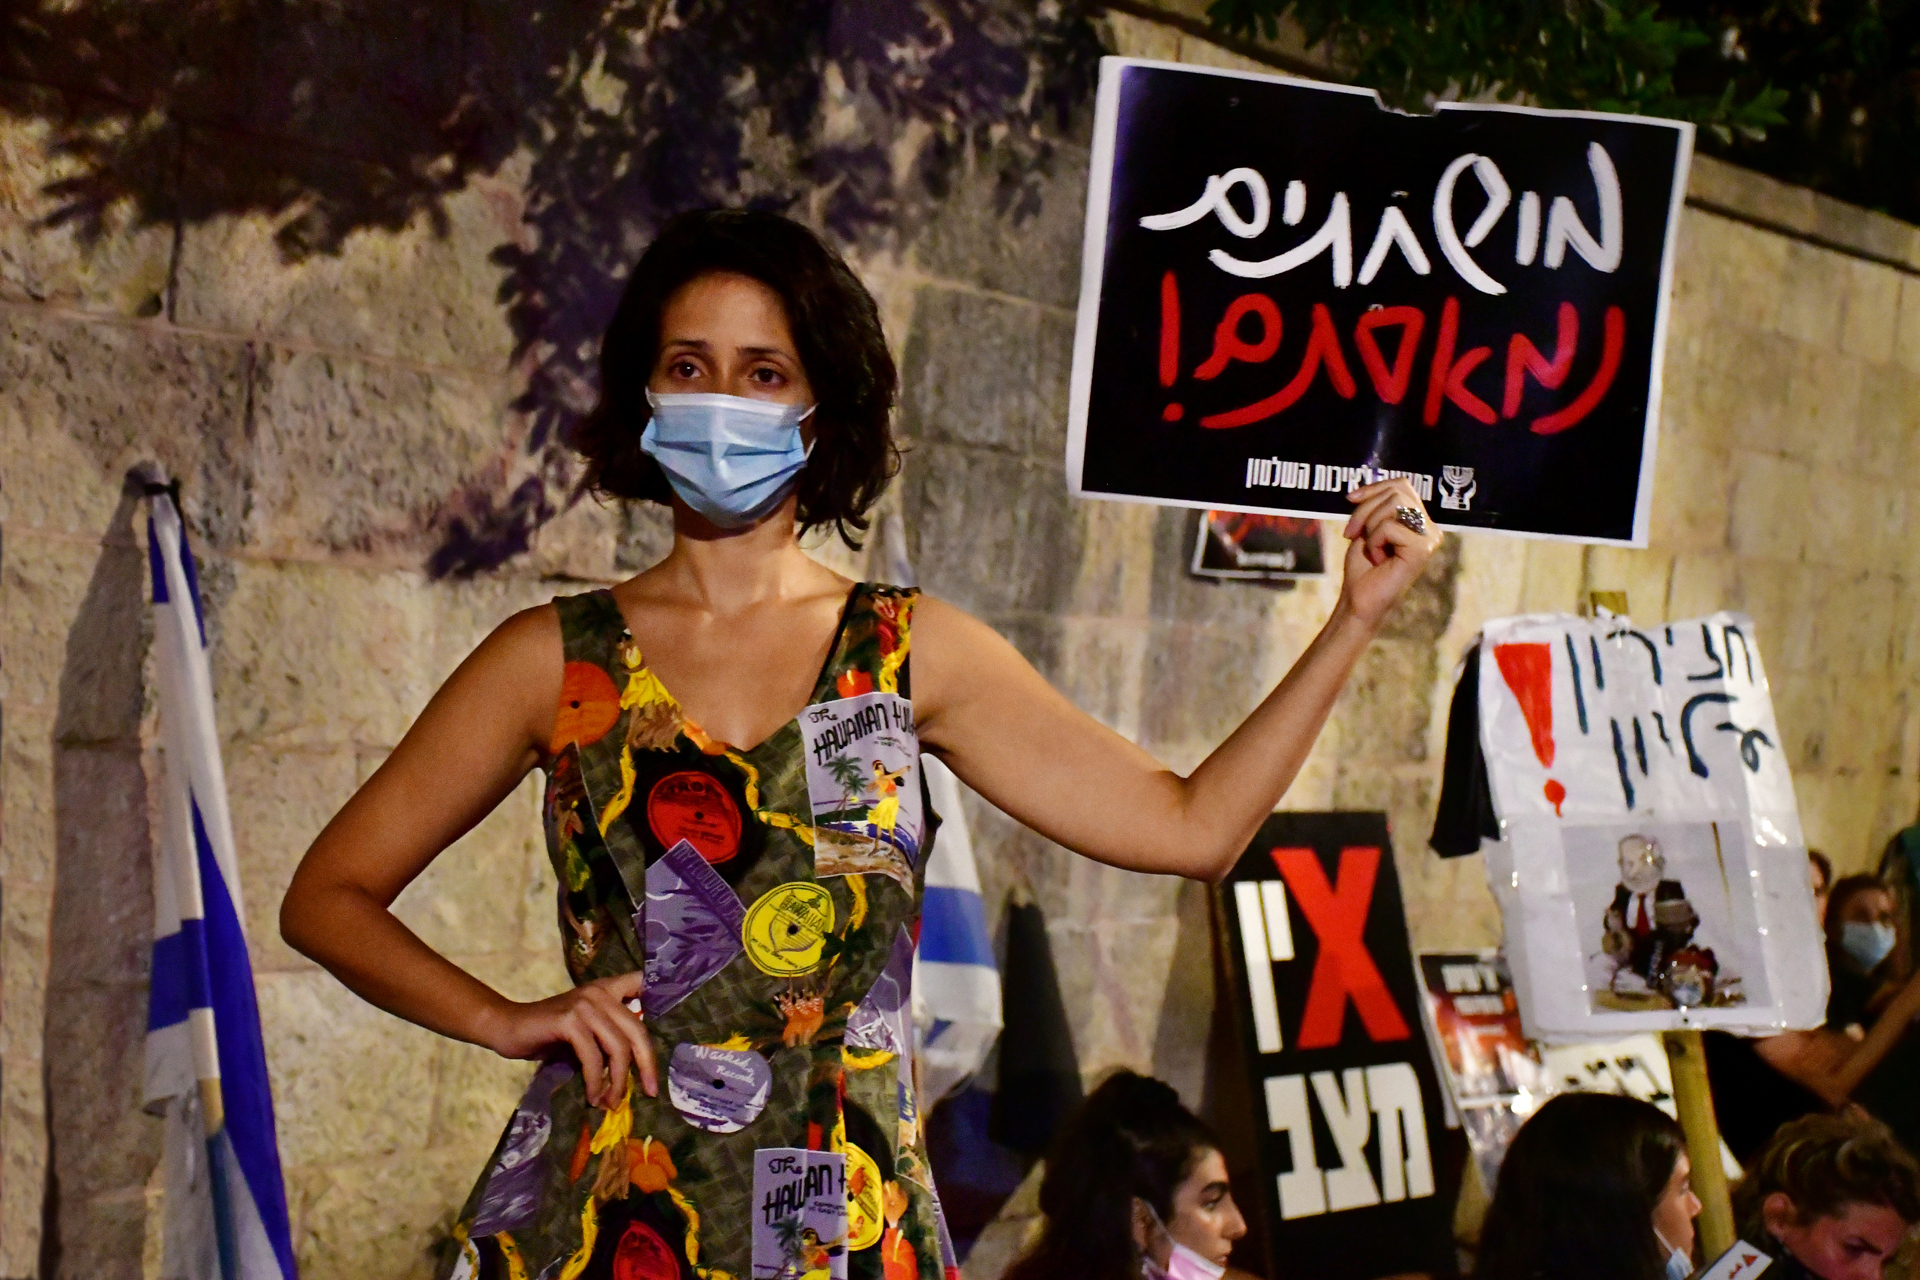 מושחטים נמאסתם - בלפור 2020 - צדק חברתי - יואל שתרוג - אדמה יוצרת - yoel sitruk